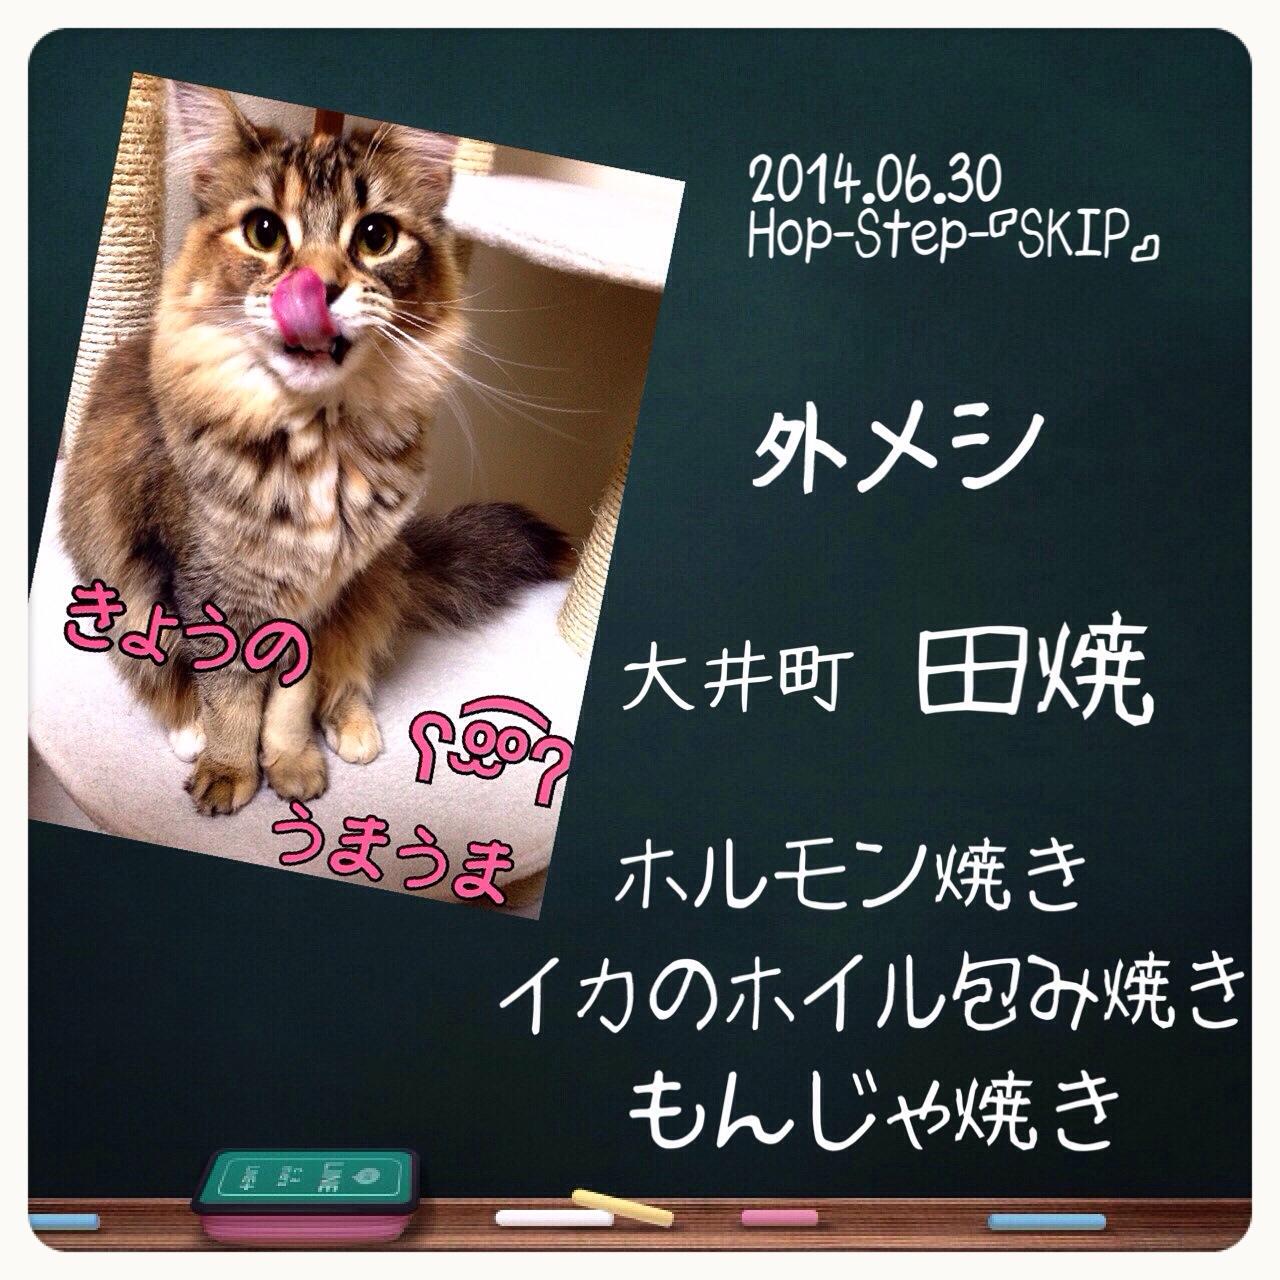 『 エッシャー猫と吟醸リゾットの日 だっぺ 』4